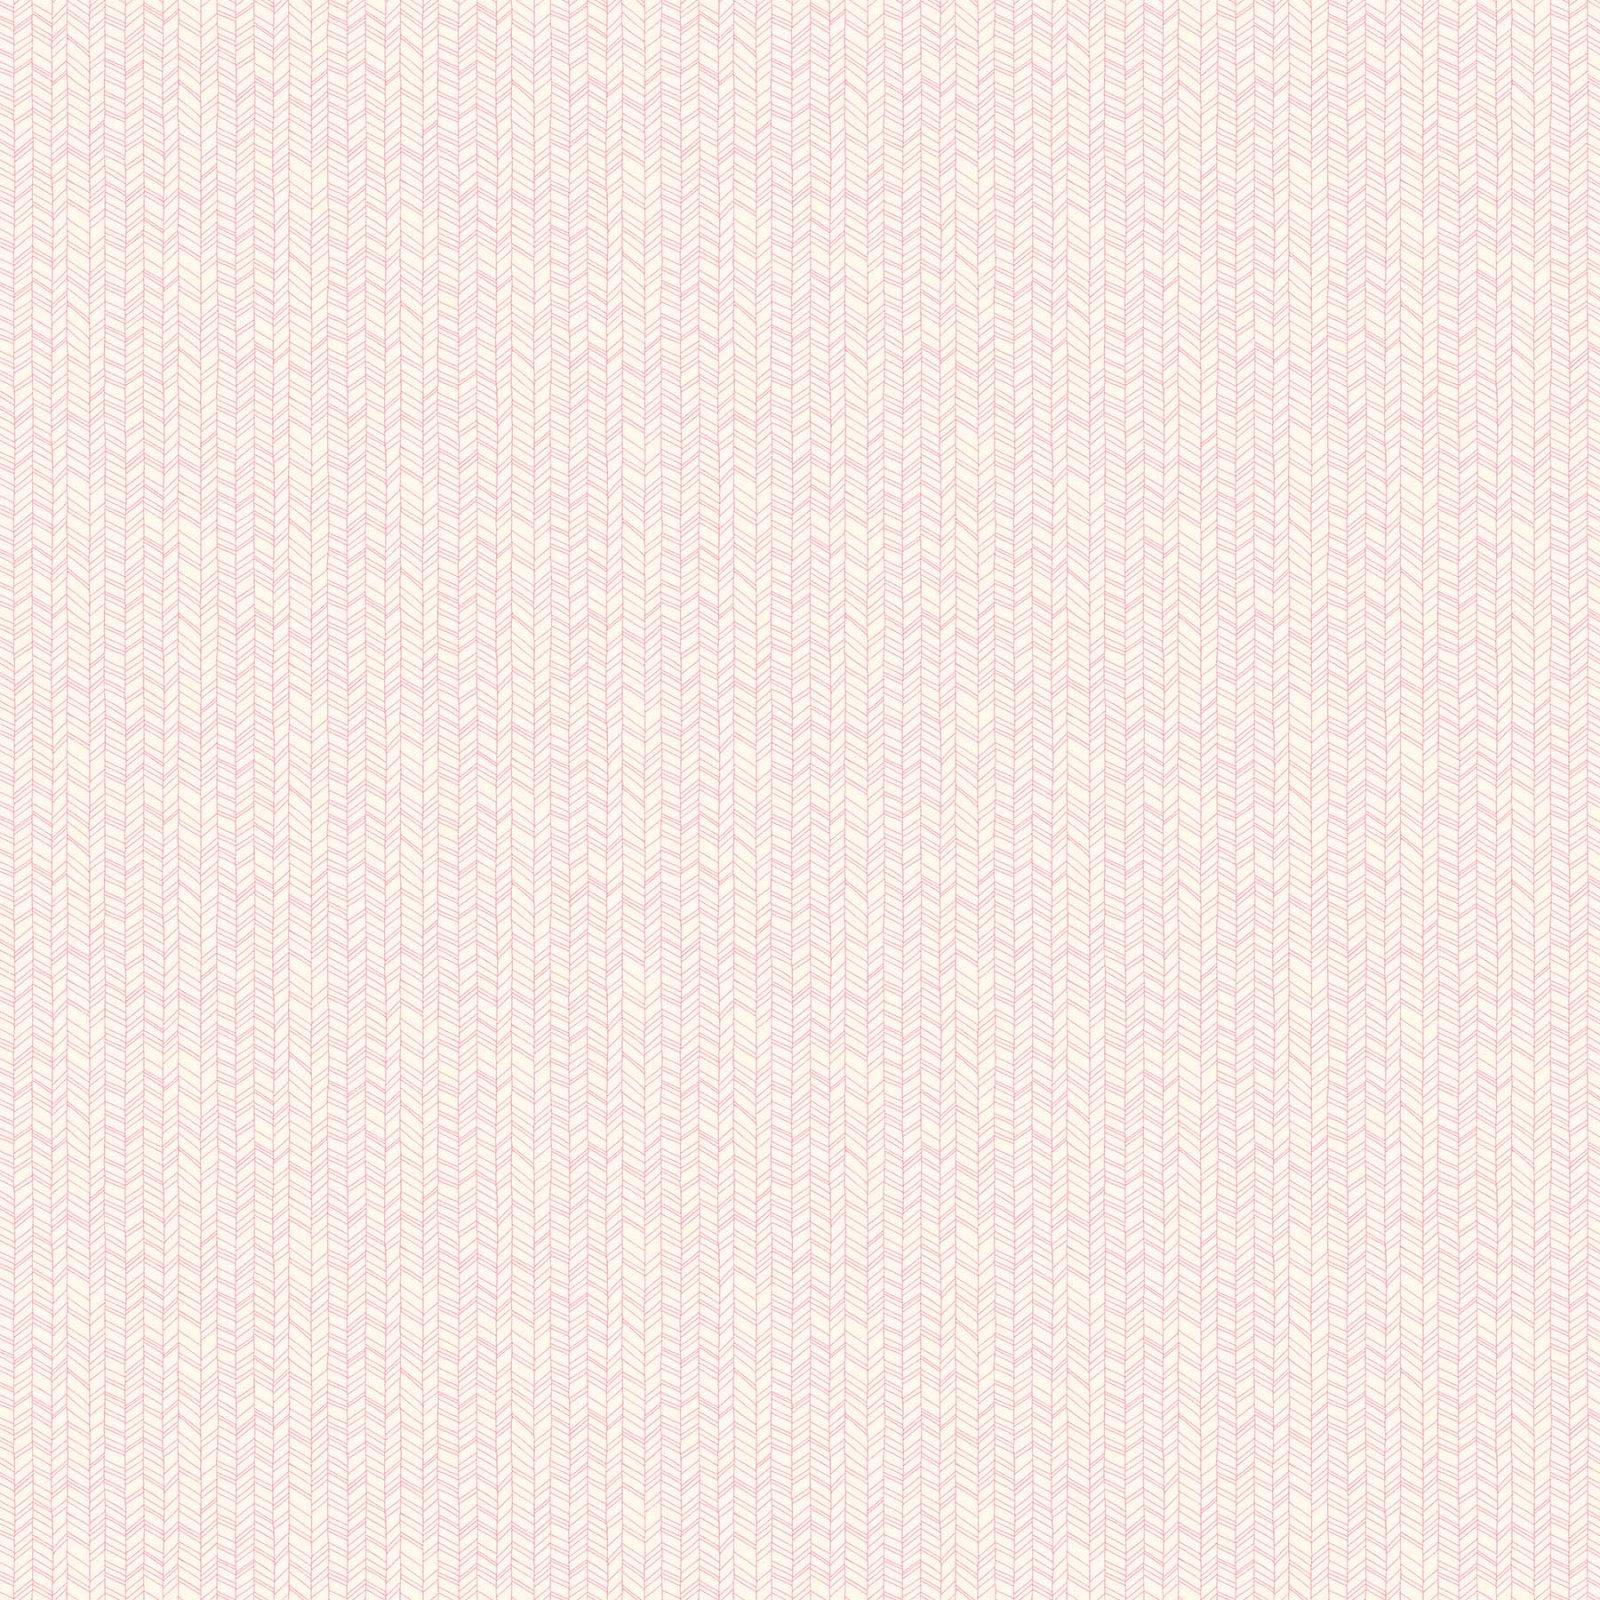 FIGO Fabrics Mountain Meadow CHEVRON (Pink)